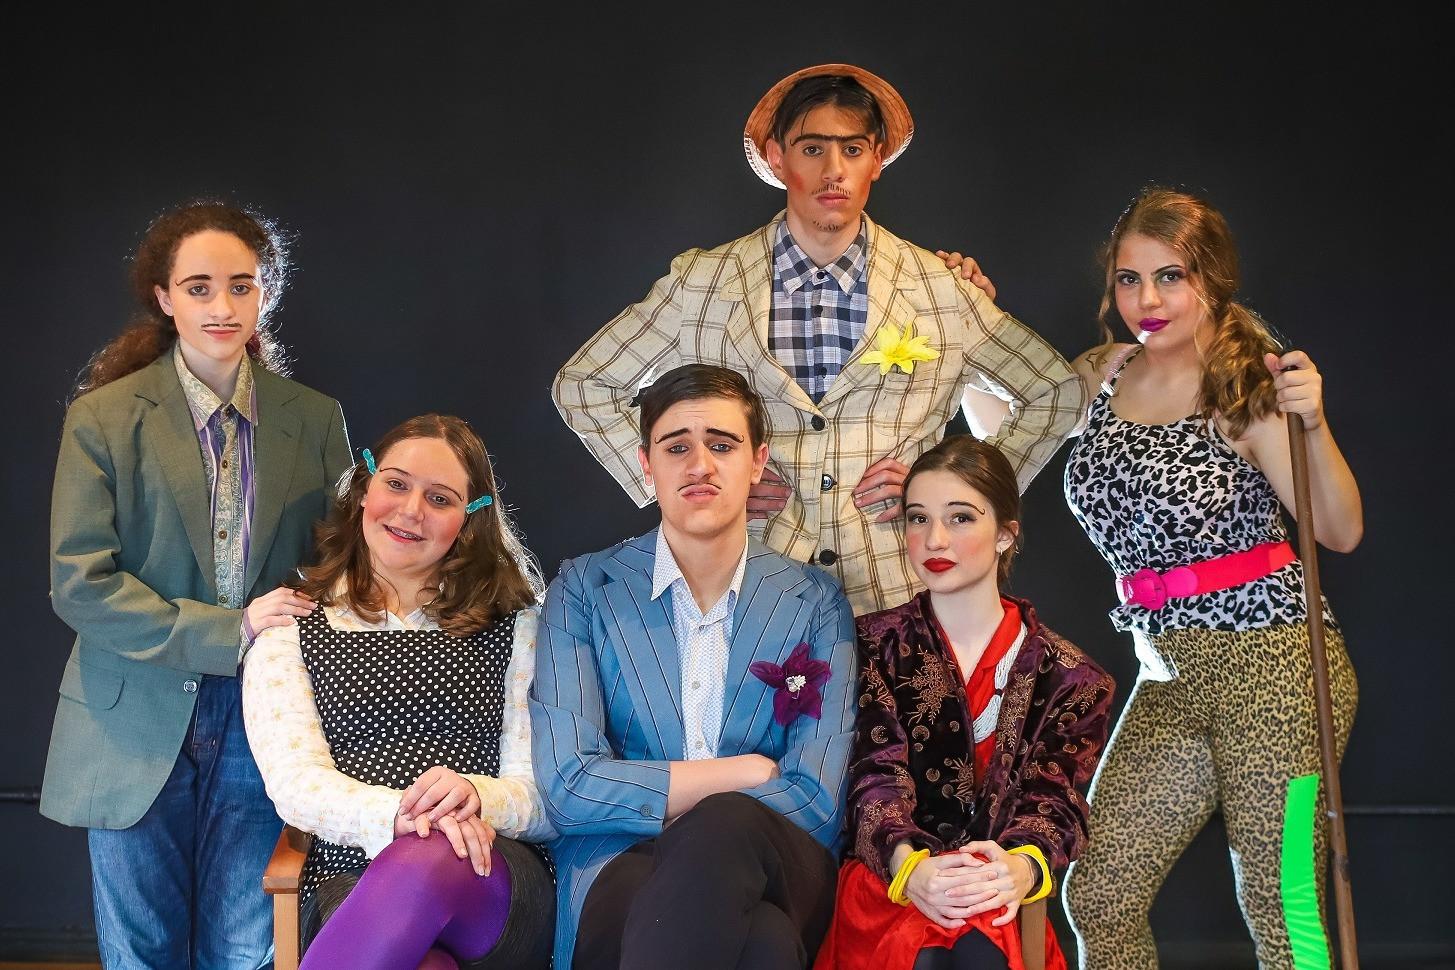 Foto Cia Teatral Acto apresenta mostra de Teatro em Garibaldi